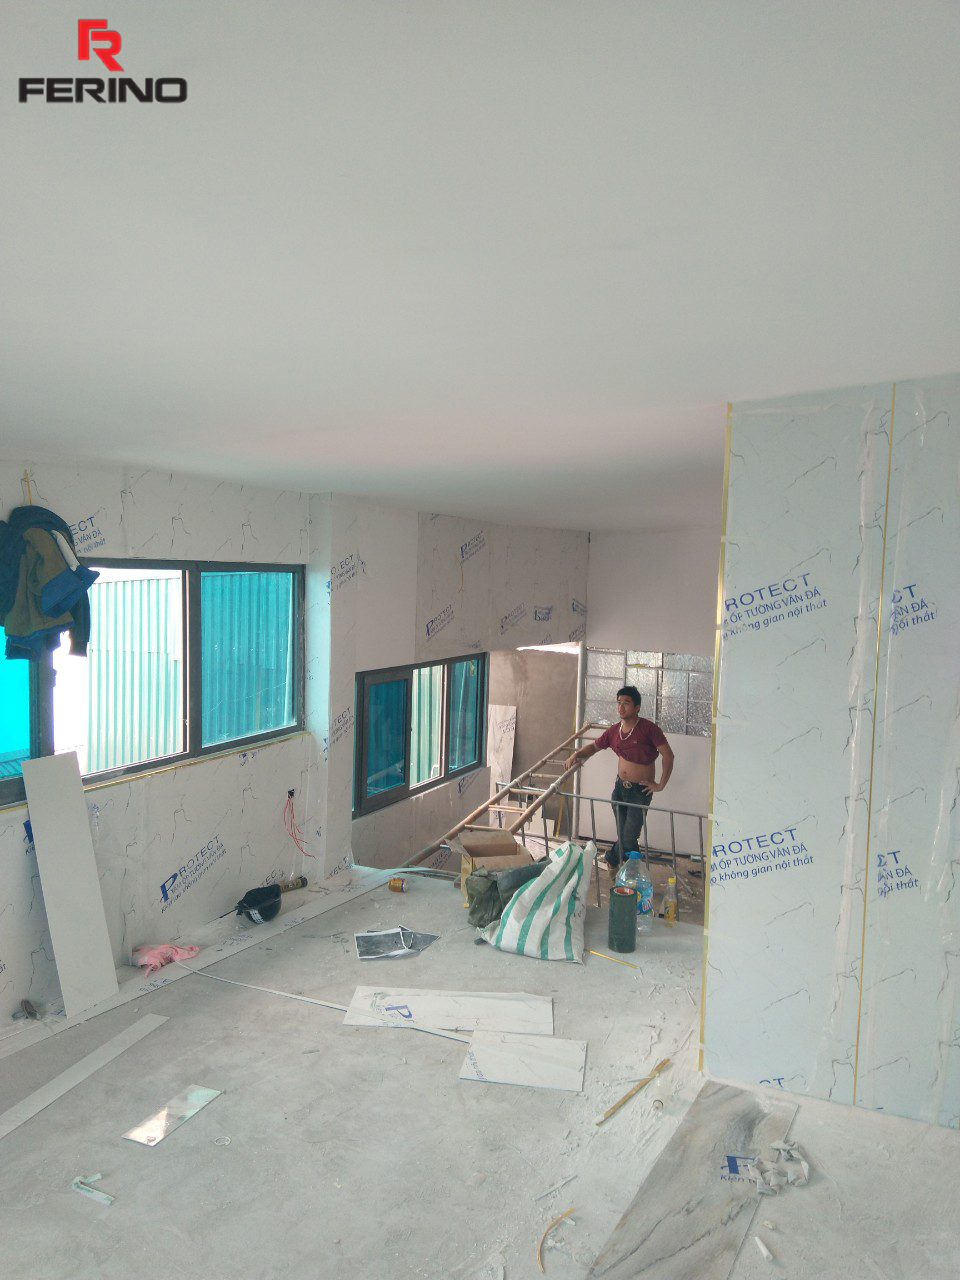 Công trình thi công tấm nhựa giả đá tại nhà bác Lợi Cầu Giấy, Hà Nội